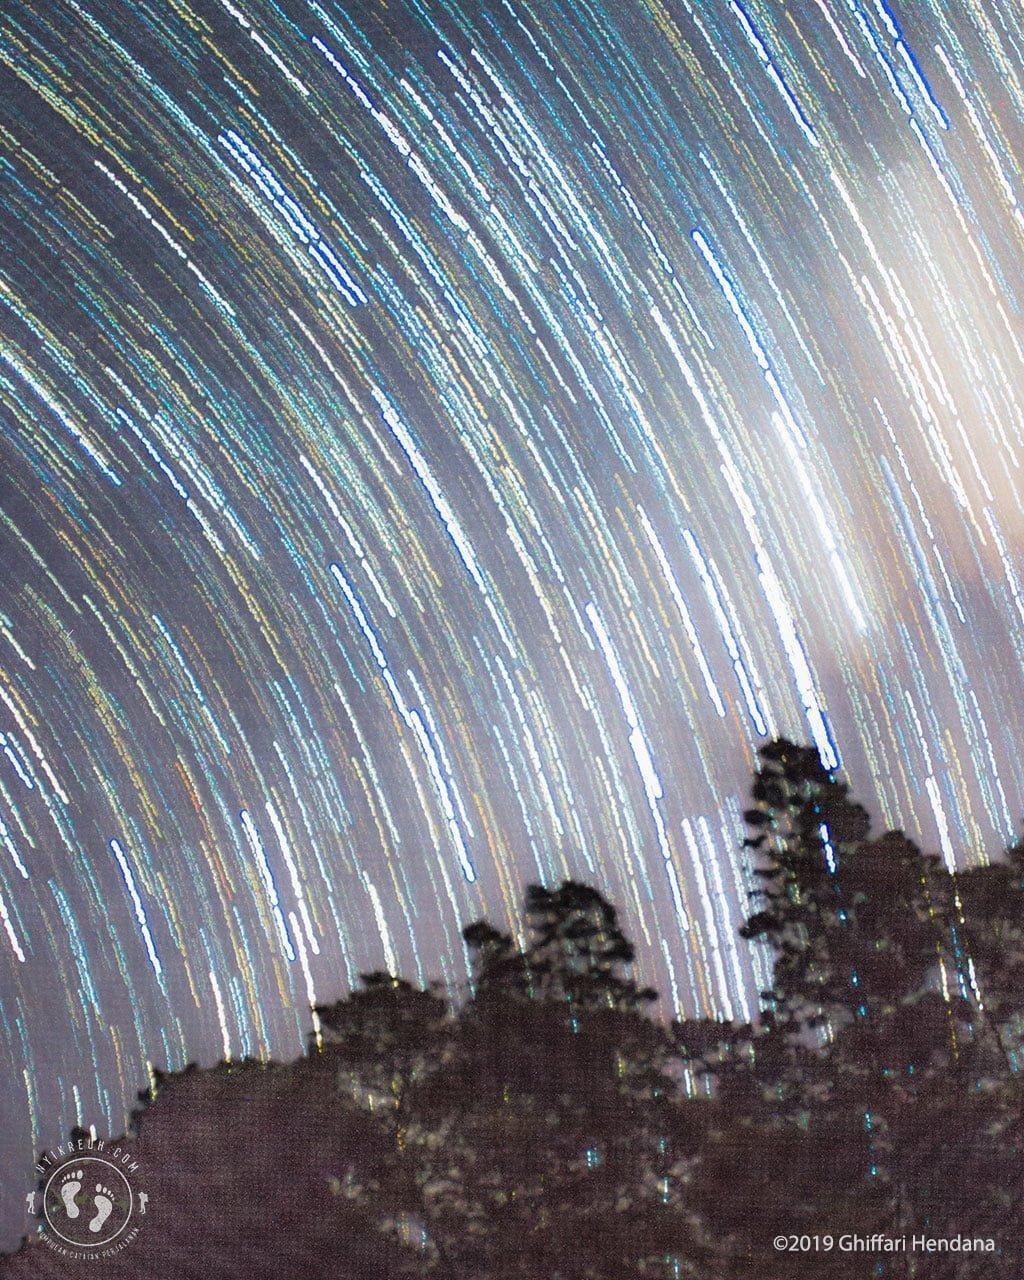 Efek Star Trails dengan Long Exposure